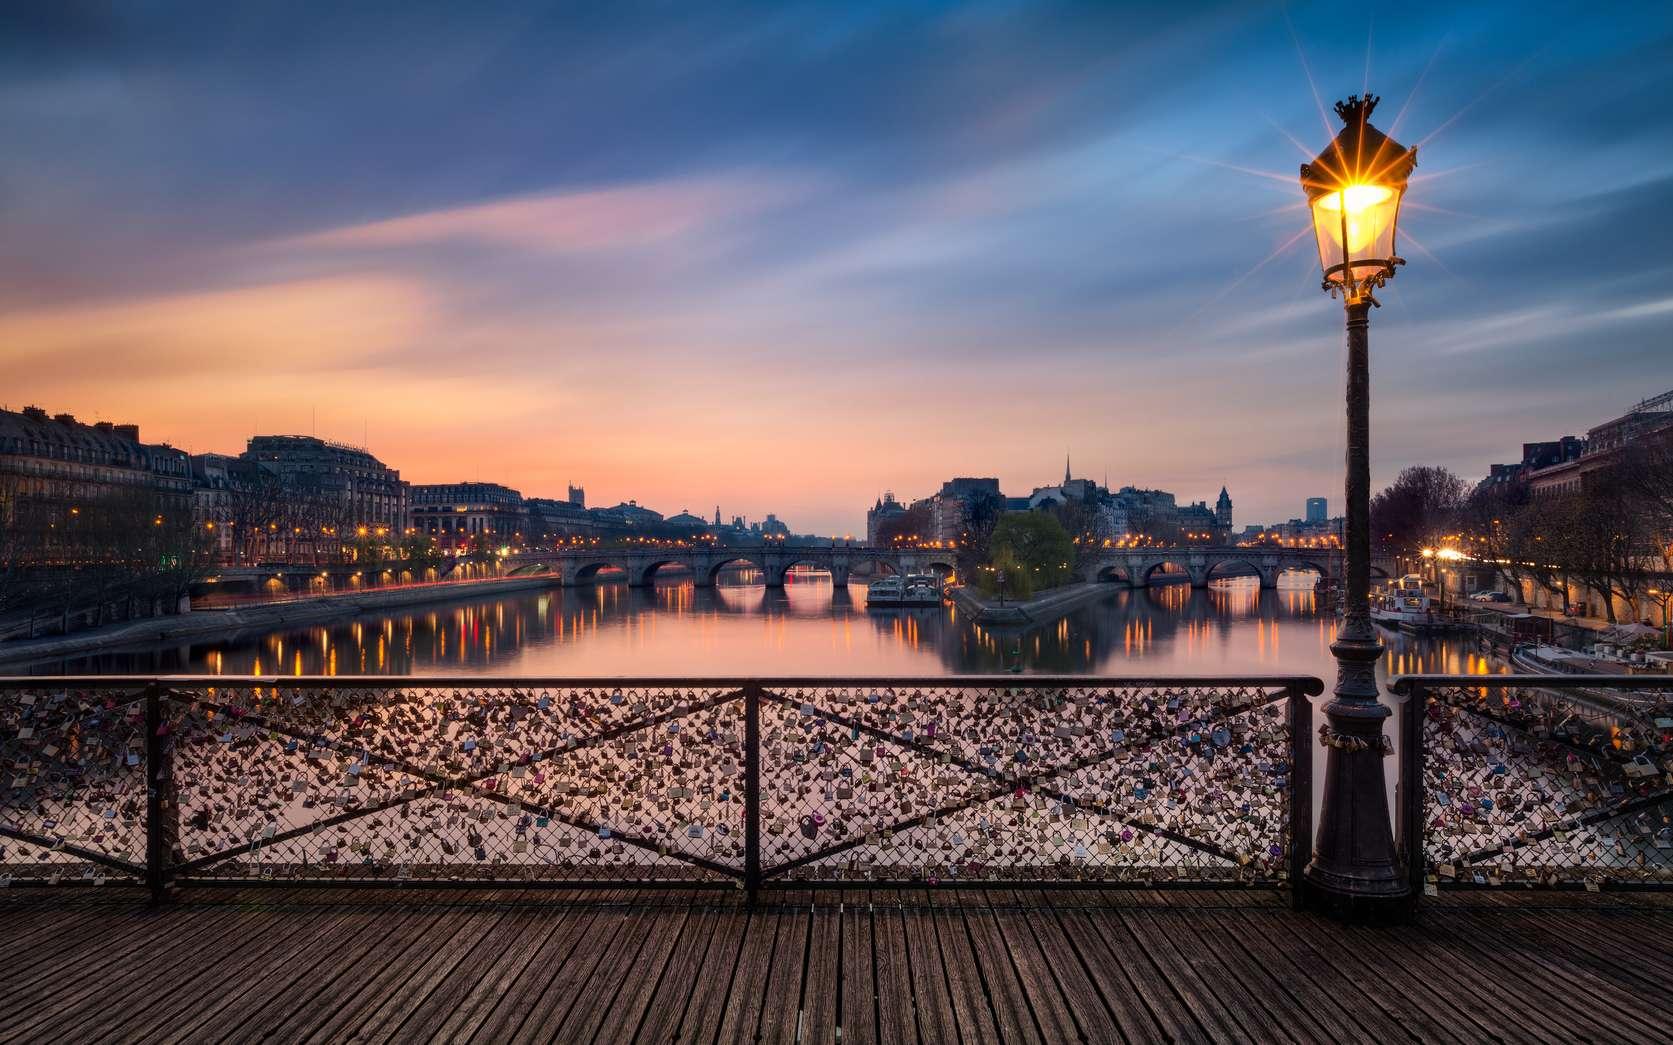 Le pont des Arts à Paris est un monument historique classé depuis 1975. © Beboy, fotolia